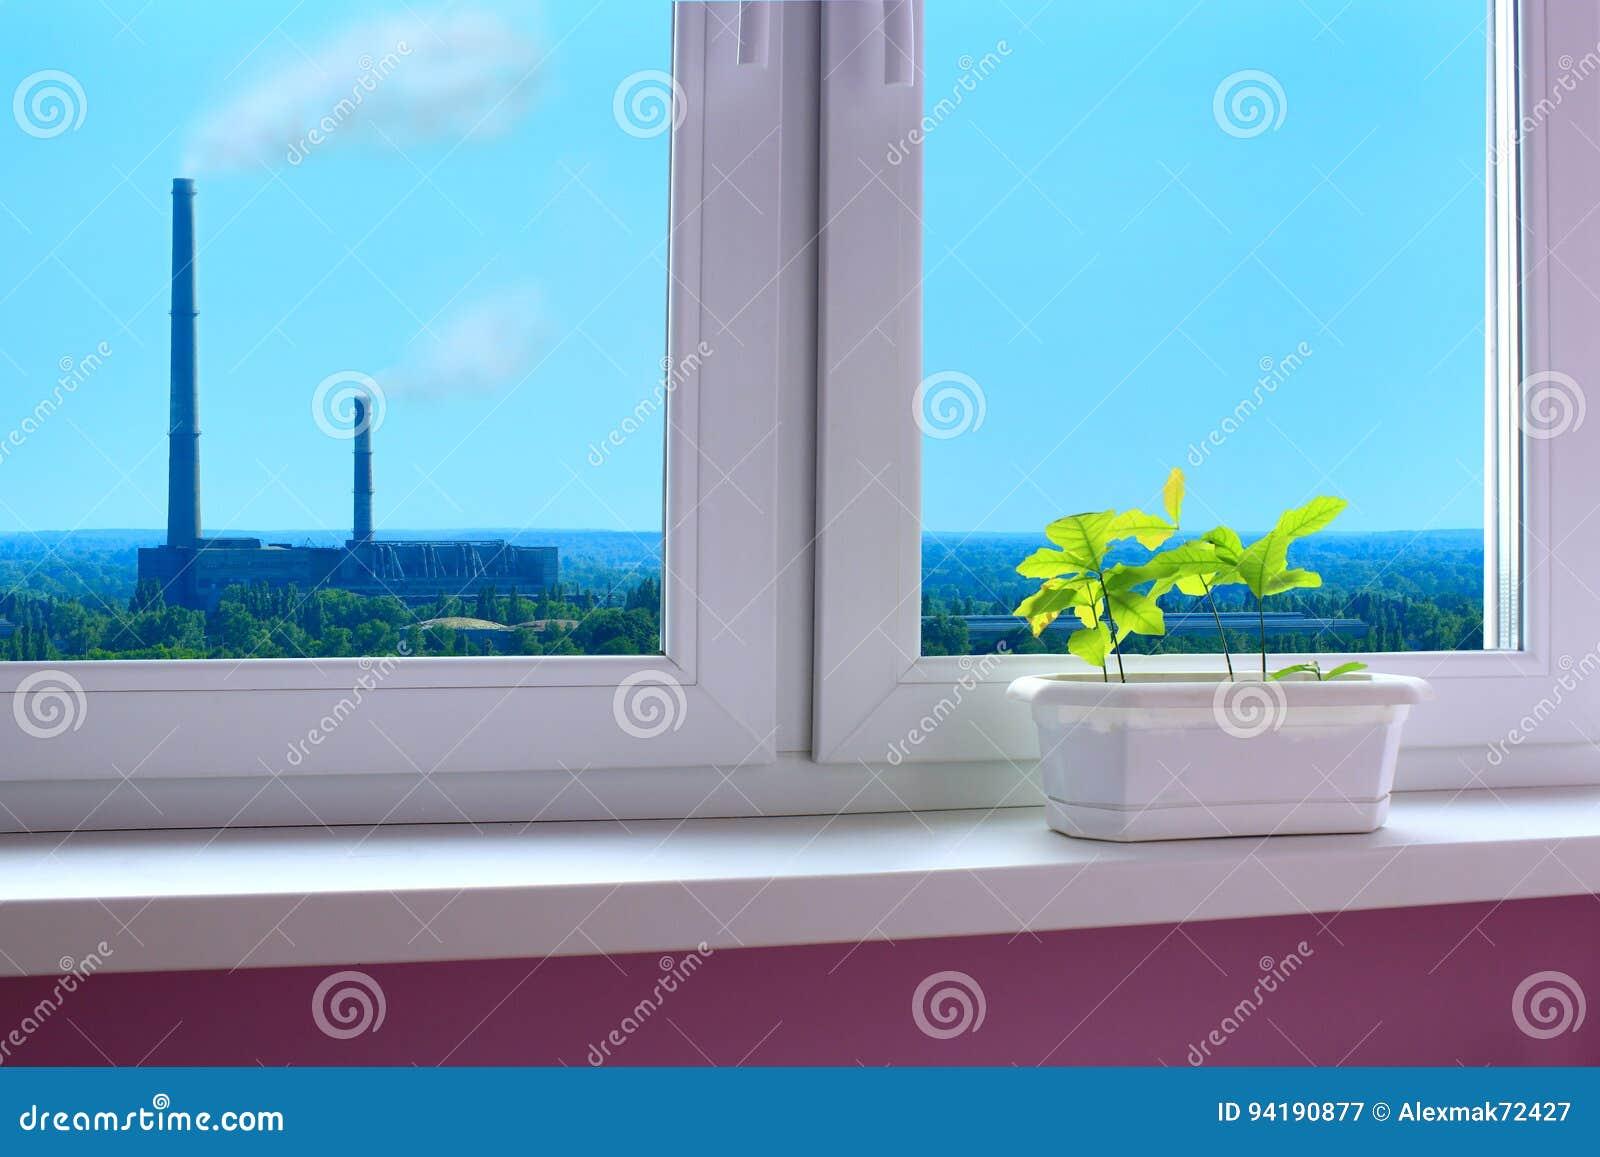 Plantule delle querce sul finestra-davanzale e della vista all inquinamento ambientale ad opera di industria